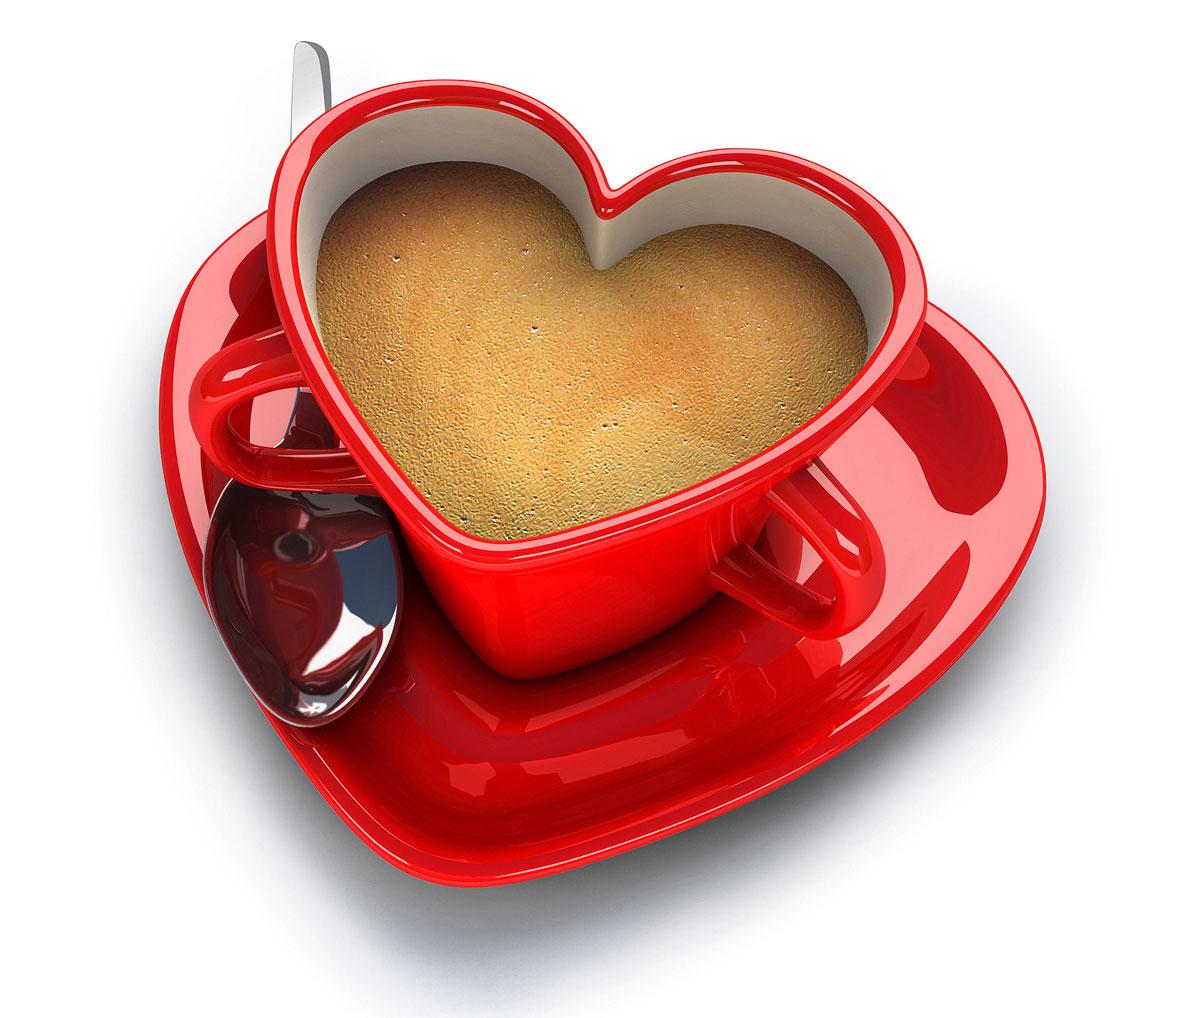 Czerwone serduszko walentynkowe, nietypowa filiżanka z dwoma uszkami - idealna dla zakochanych, także jako upominek